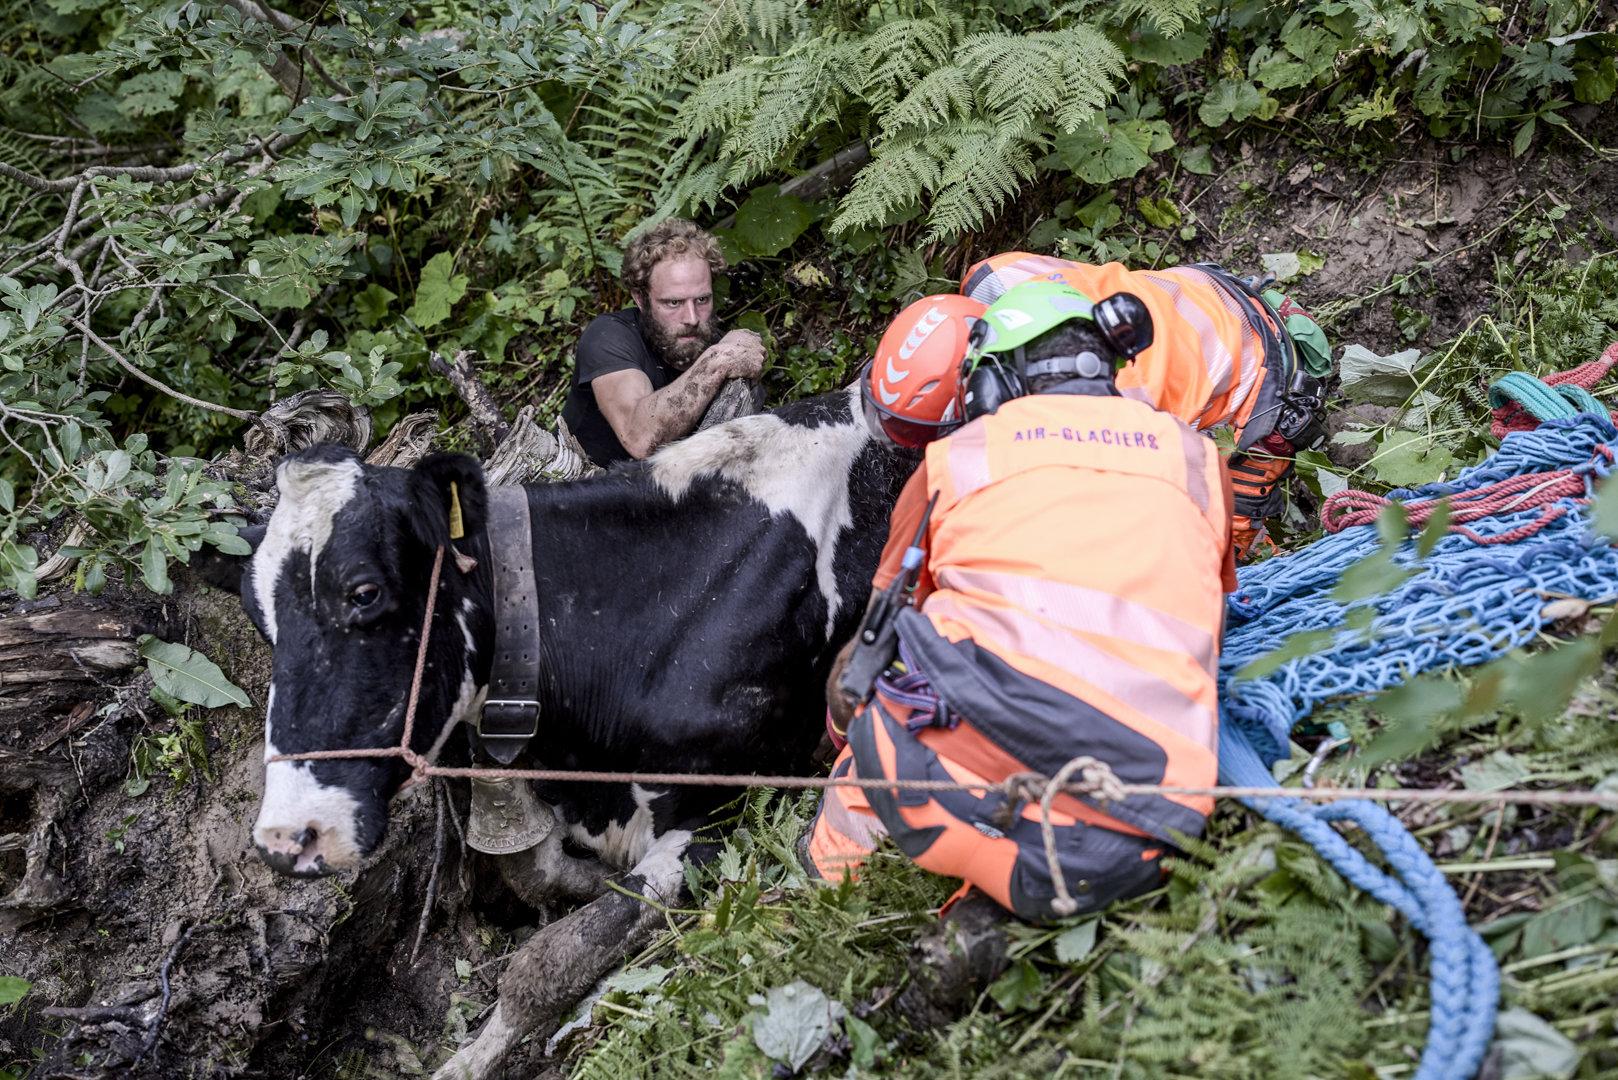 Intervention d'Air Glaciers, des sangles sont fixées autour de la vache.